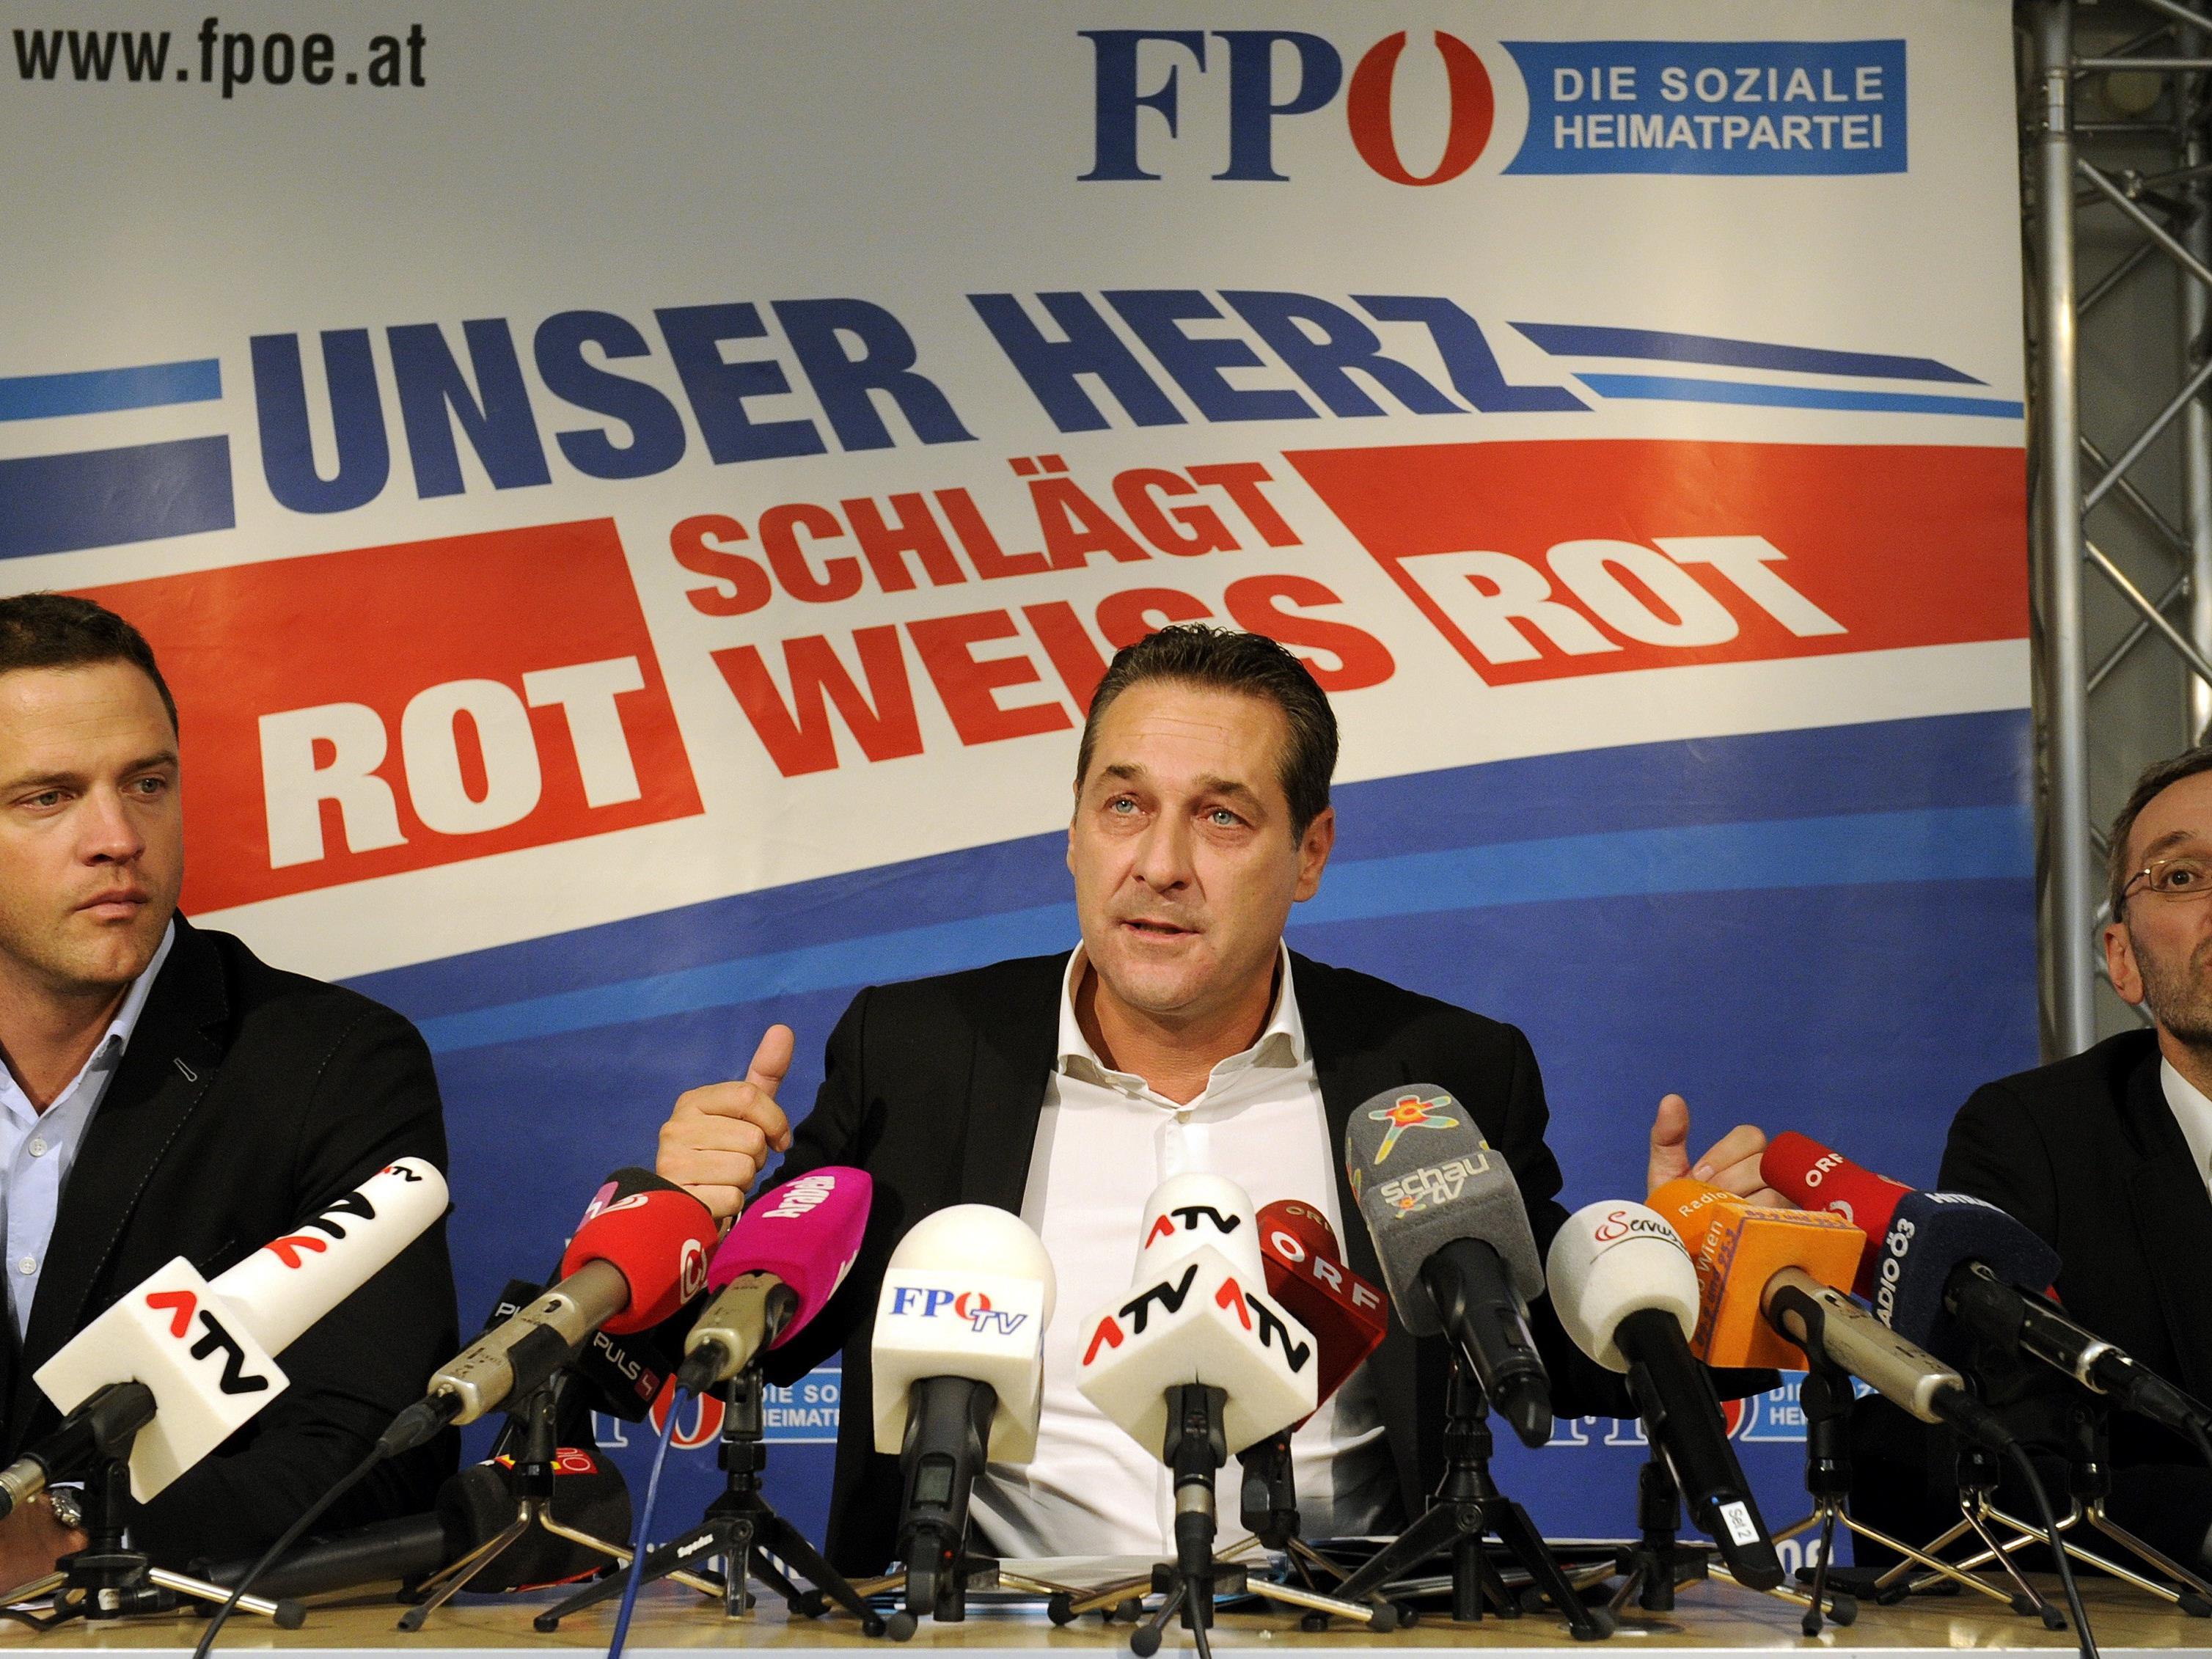 Johann Gudenus (l.) ist einer der möglichen FPÖ-Kandidaten.